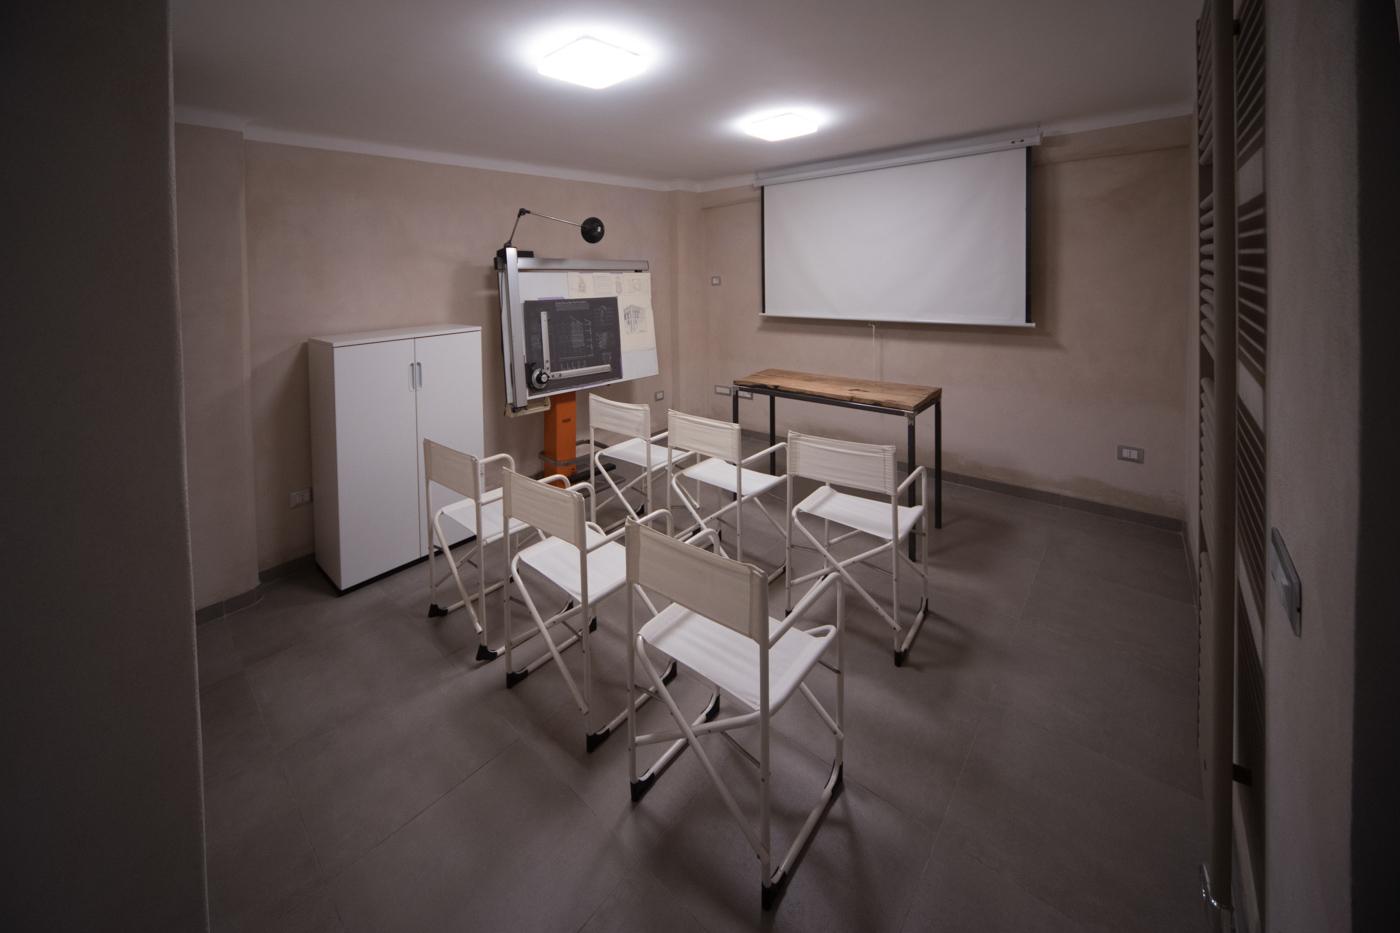 valentina solera, architetto, interior, ristrutturazione, genova, liguria, italy, interior5-10.jpg